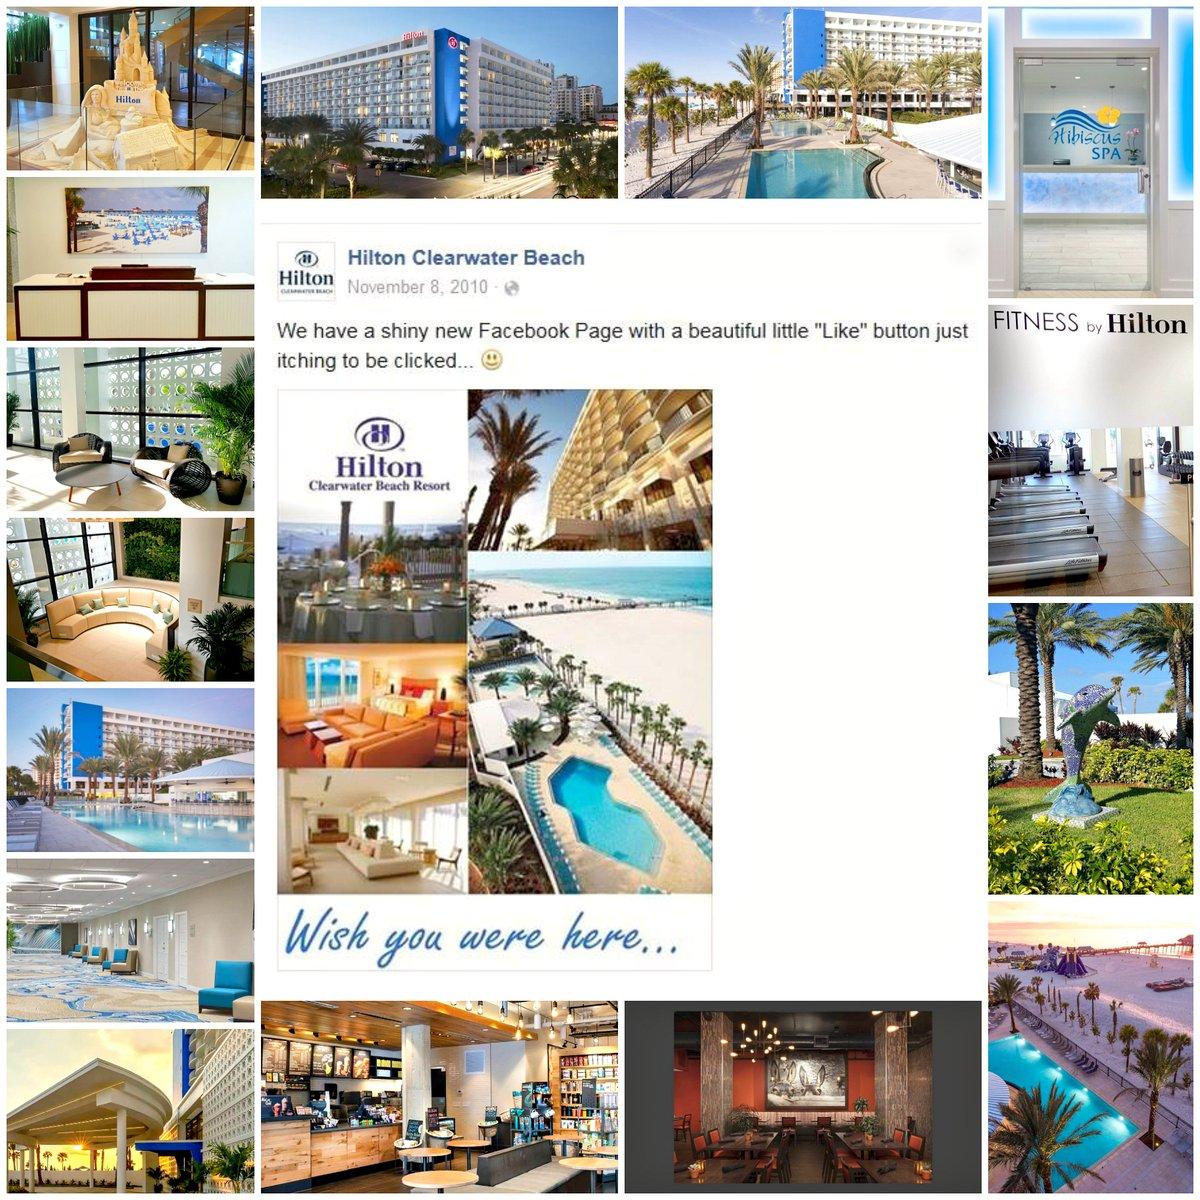 Hilton CLW Beach